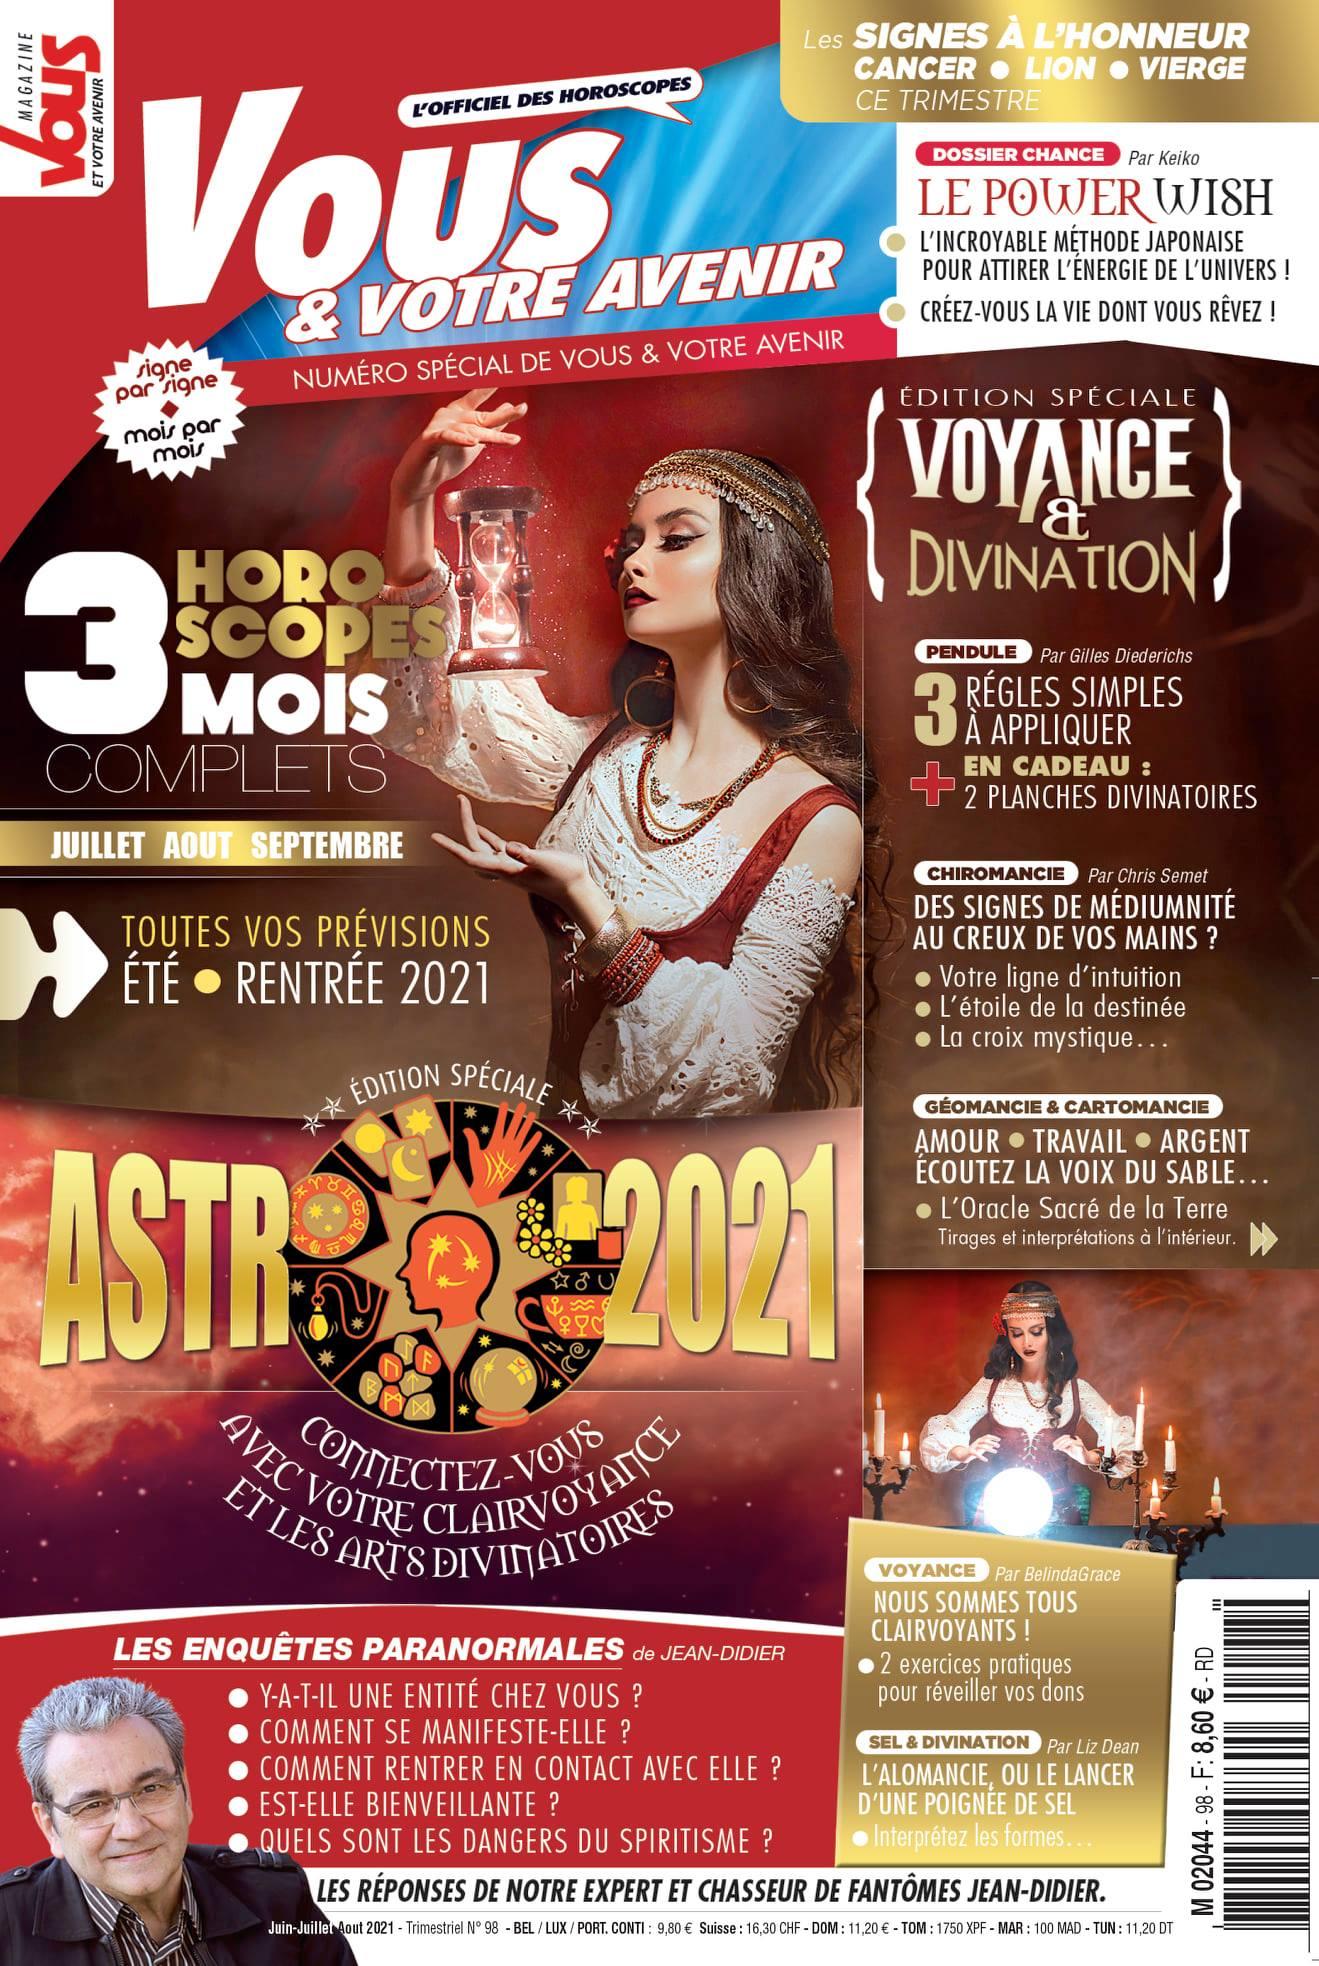 Retrouvez Sophie Vitali célèbre médium et voyante corse pour un nouvel article dans le nouveau numéro de Vous et votre avenir juin 2021